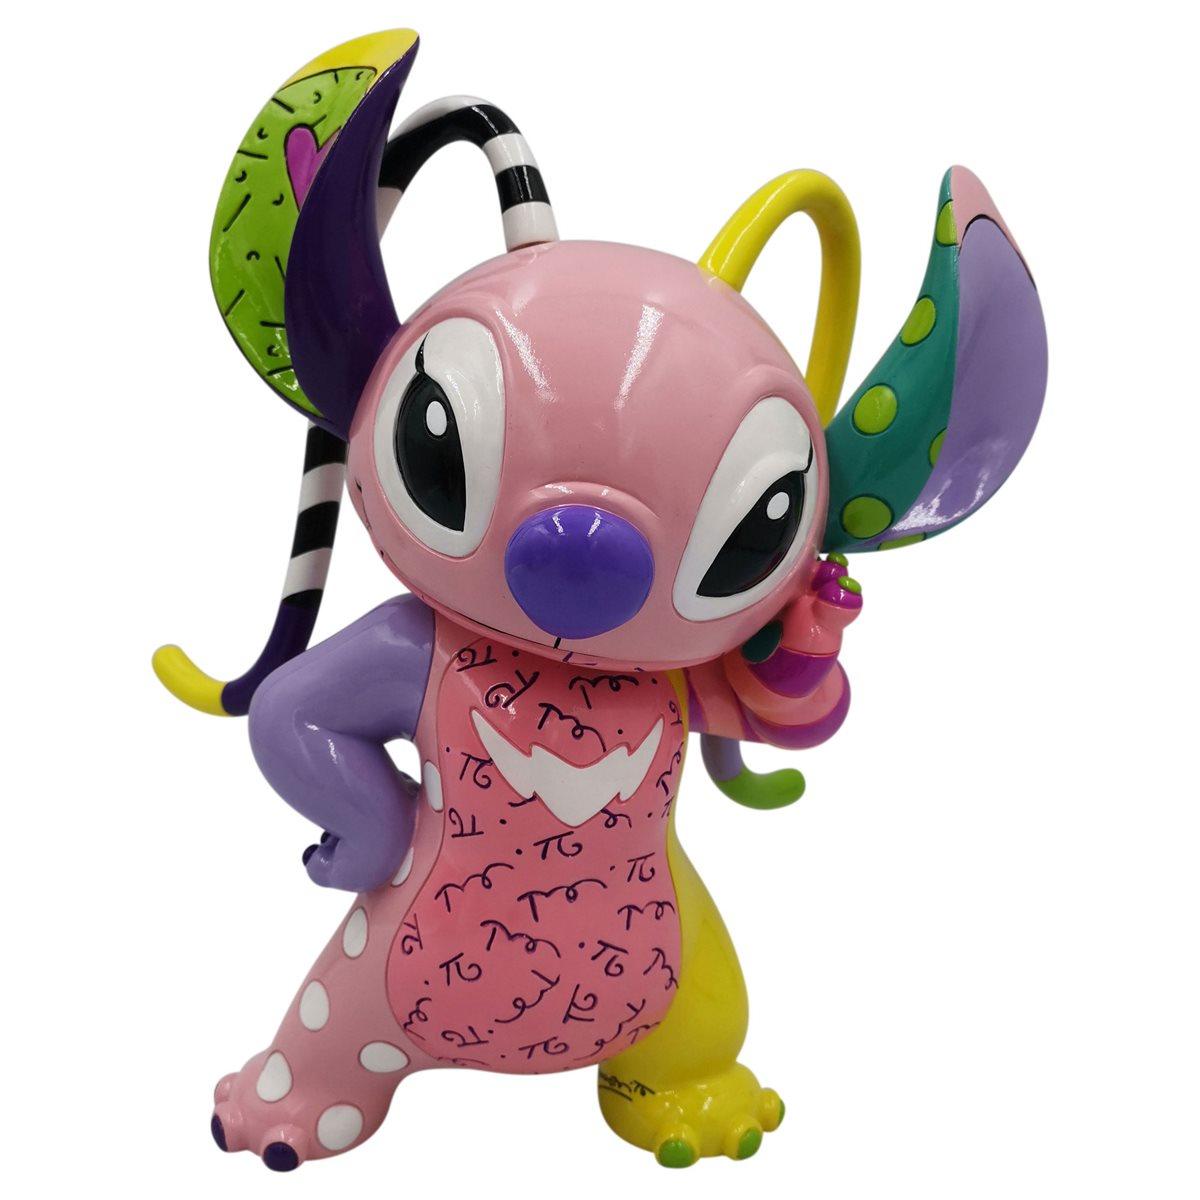 Disney Lilo Stitch Angel Statue By Romero Britto